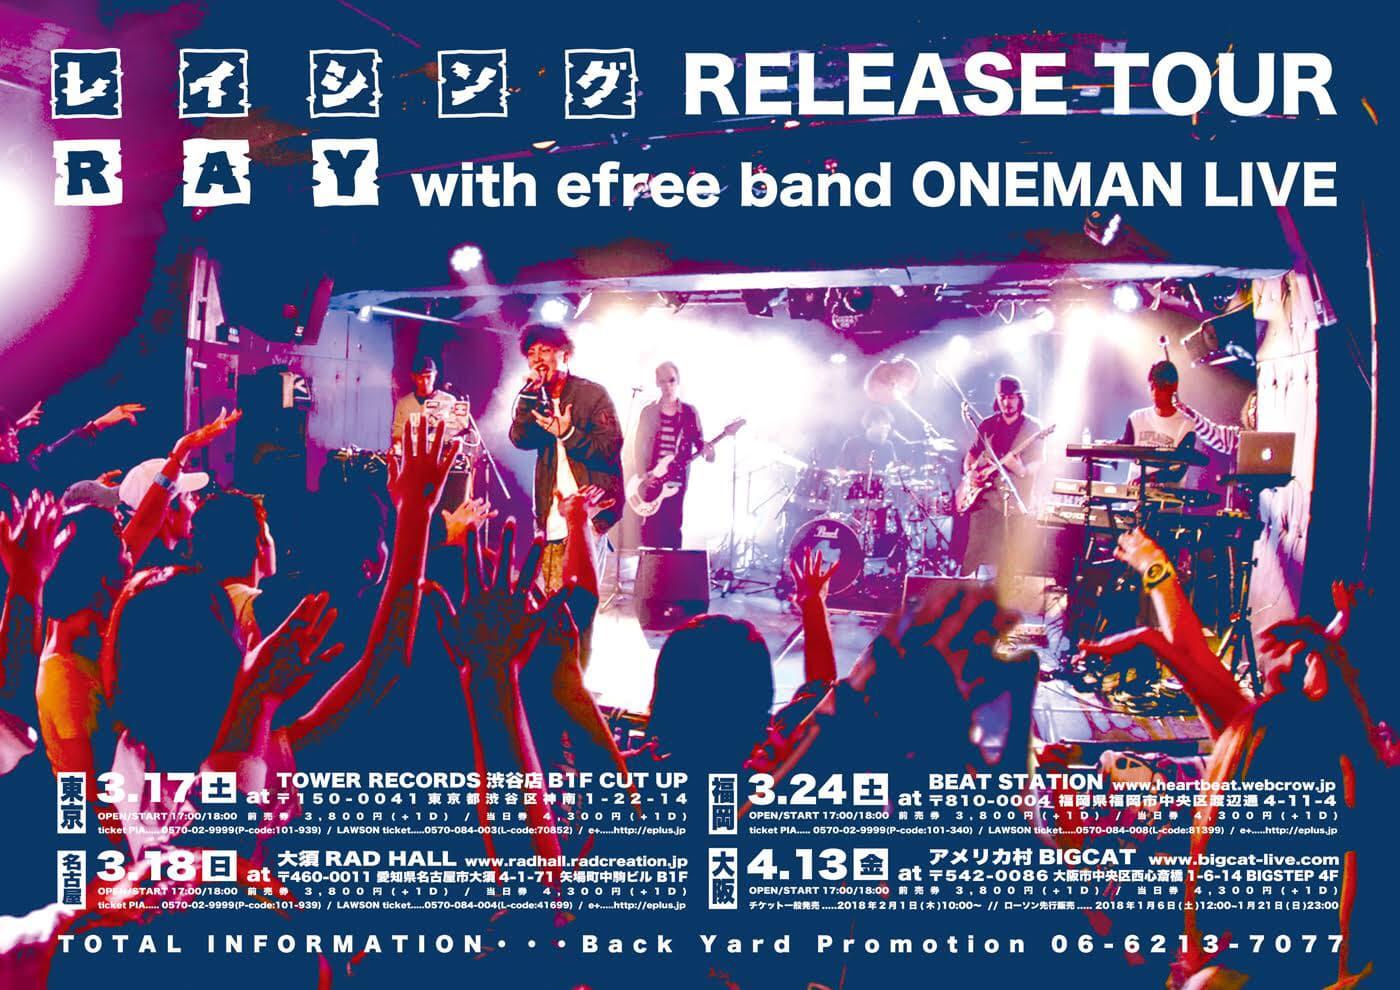 2017.12.01 レイシング RELEASE TOUR の詳細を公開